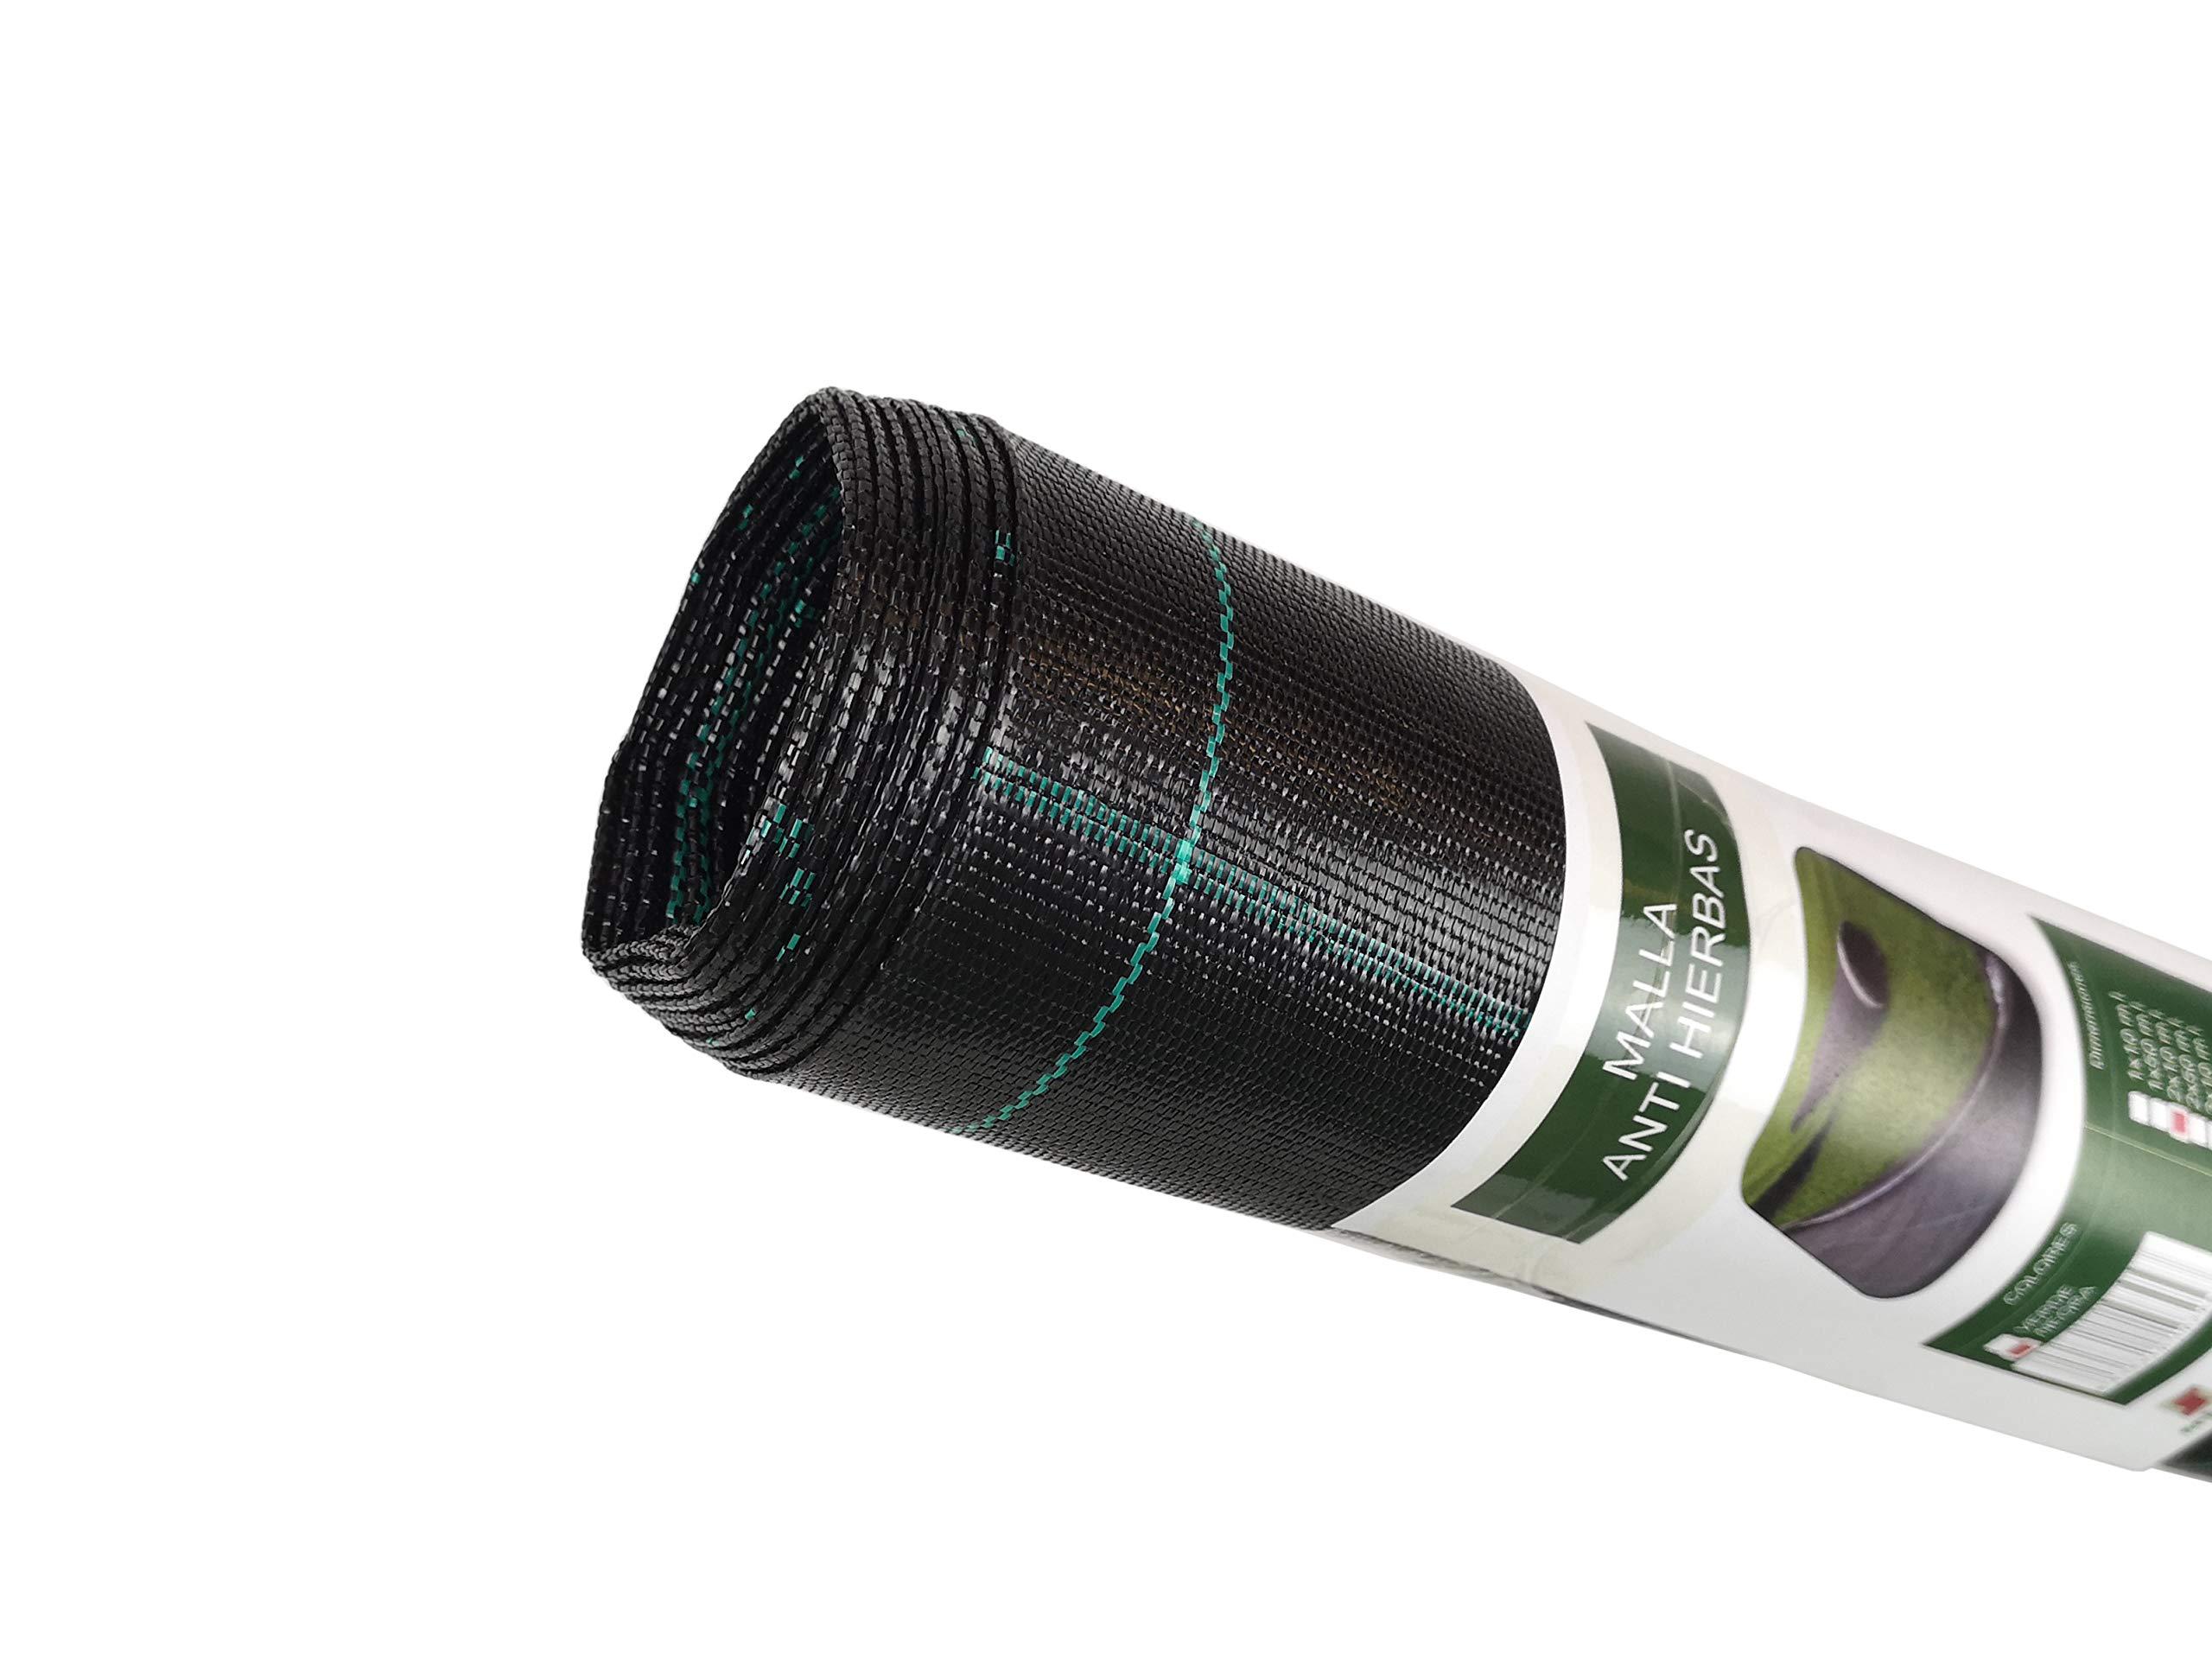 Seinec Malla//Tela Antihierbas Negra 50m/² 1 x 50m Resistente a Roturas con Protecci/ón UV para el Control de Maleza en Jard/ín y Huertos Ecol/ógicos Ocultaci/ón Polipropileno PP